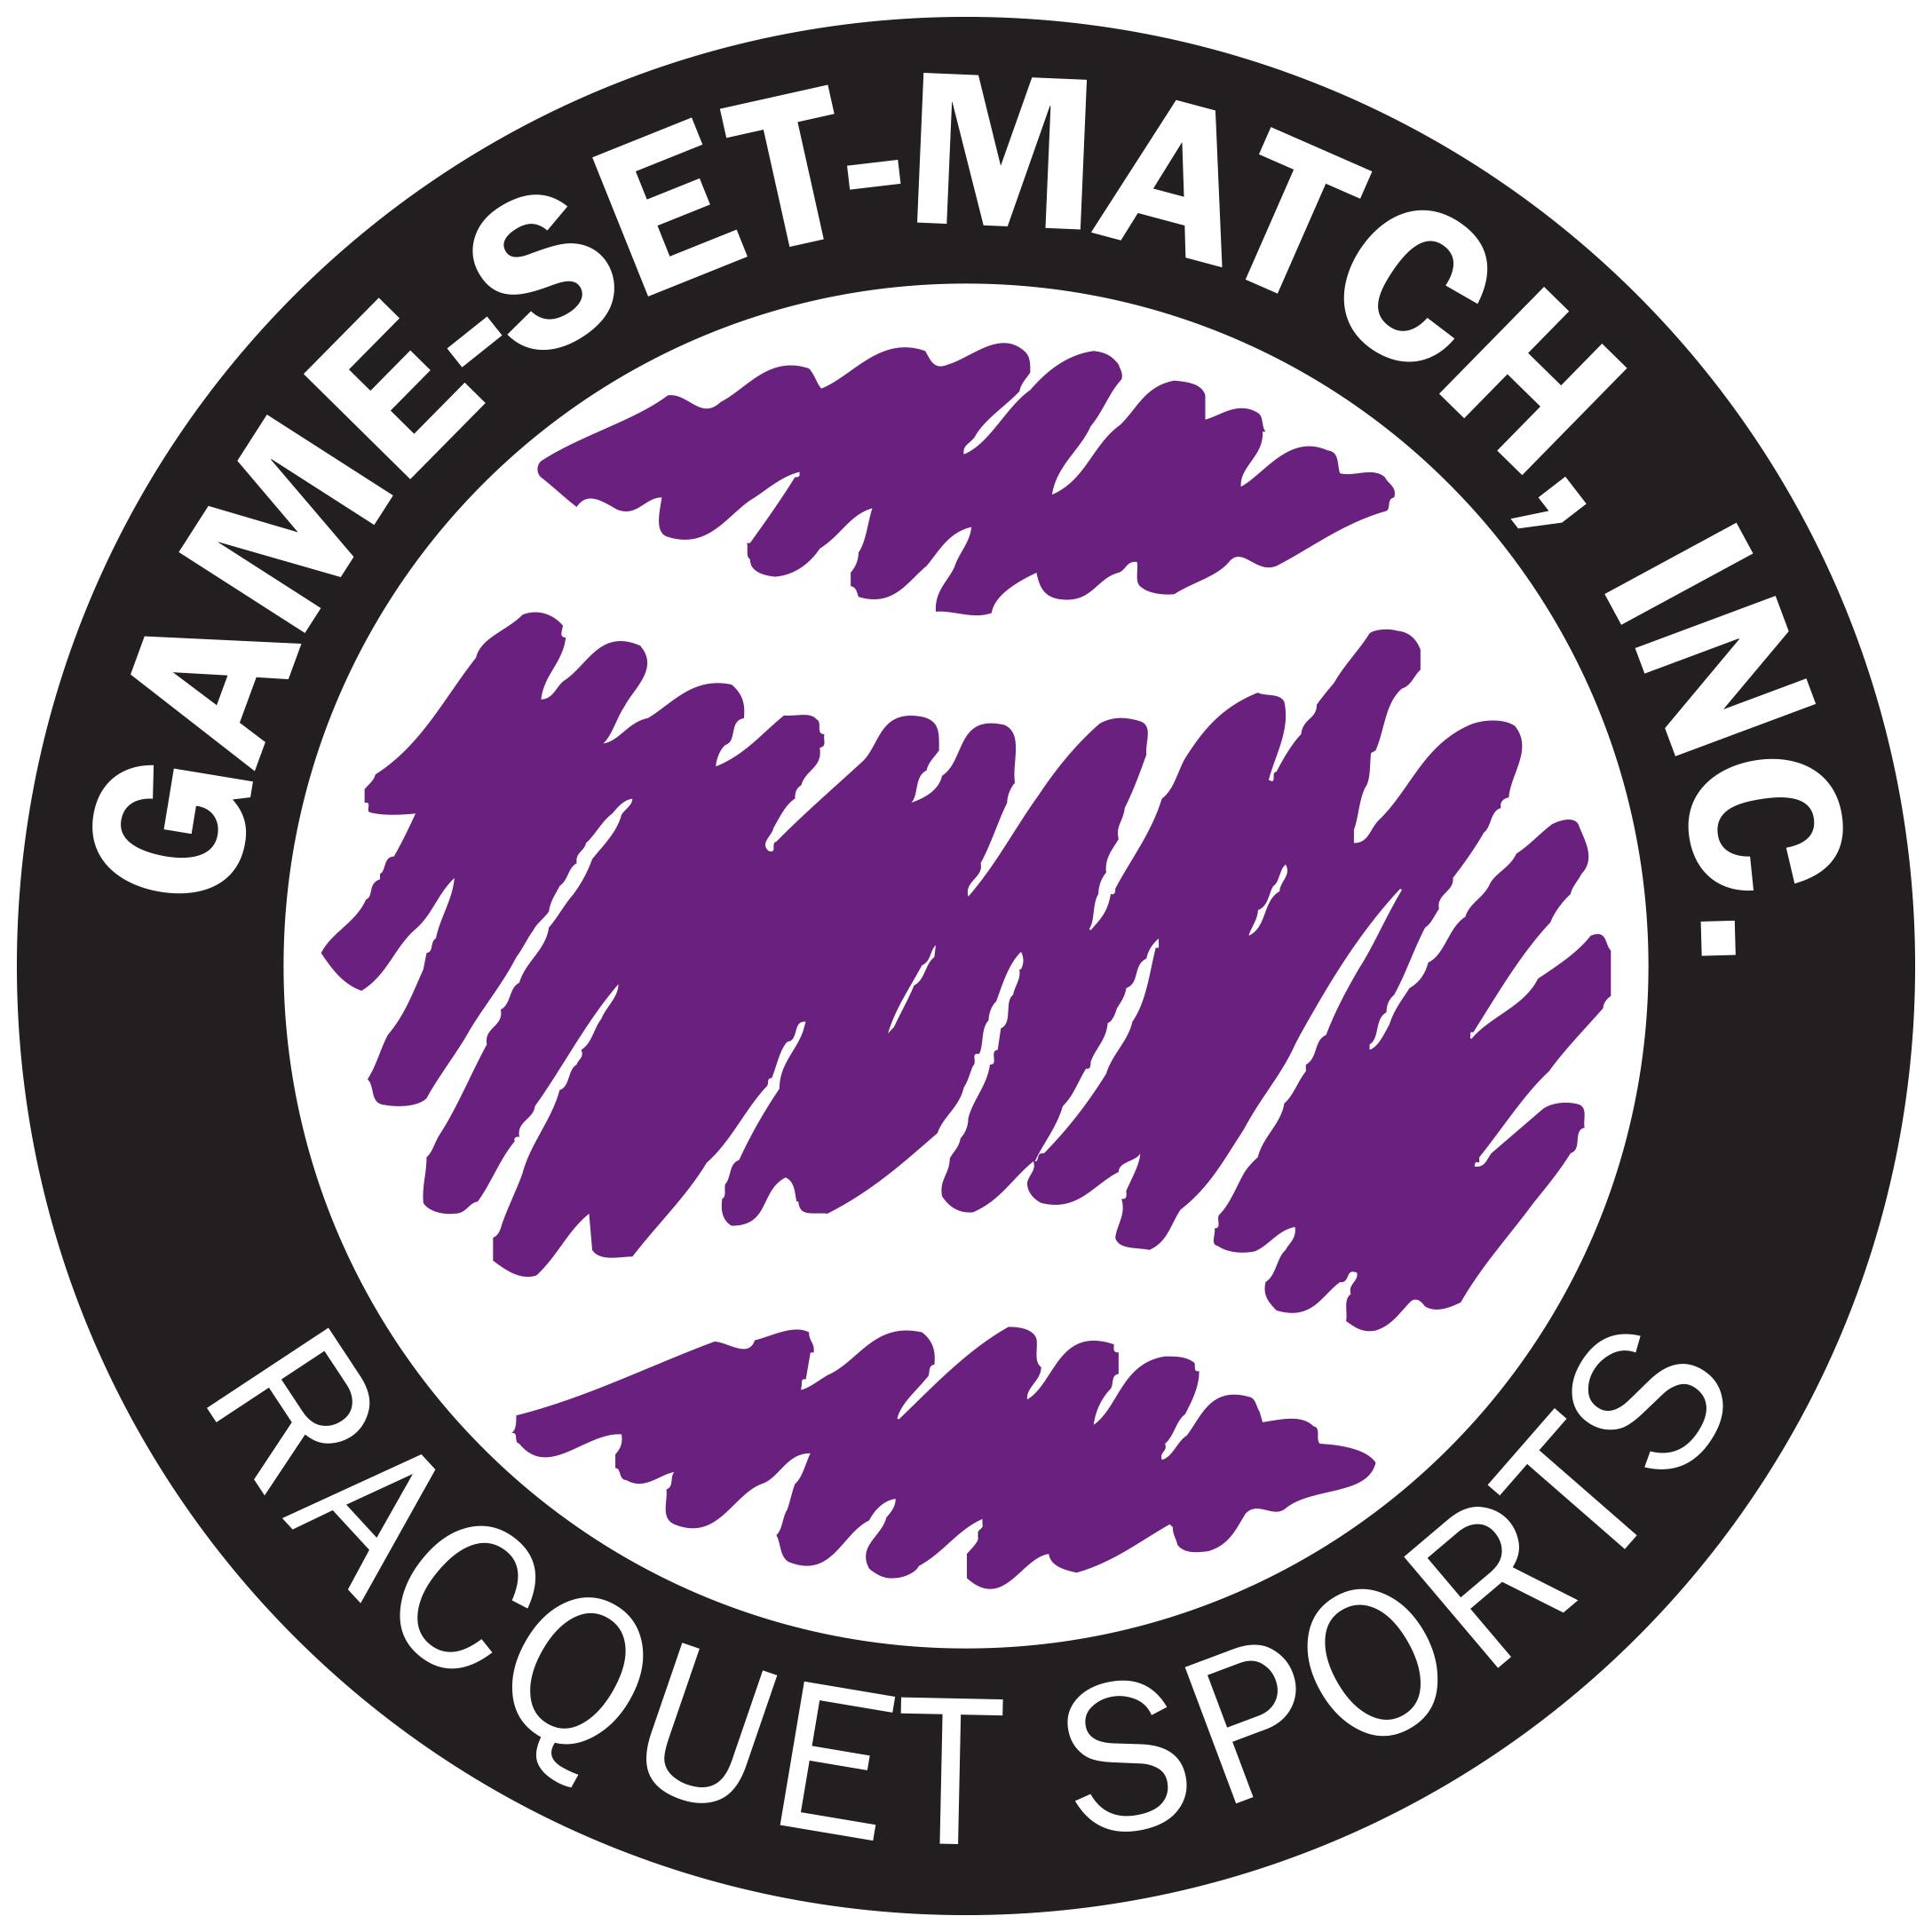 Game-Set-Match, Inc. - Centennial - Denver - Littleton